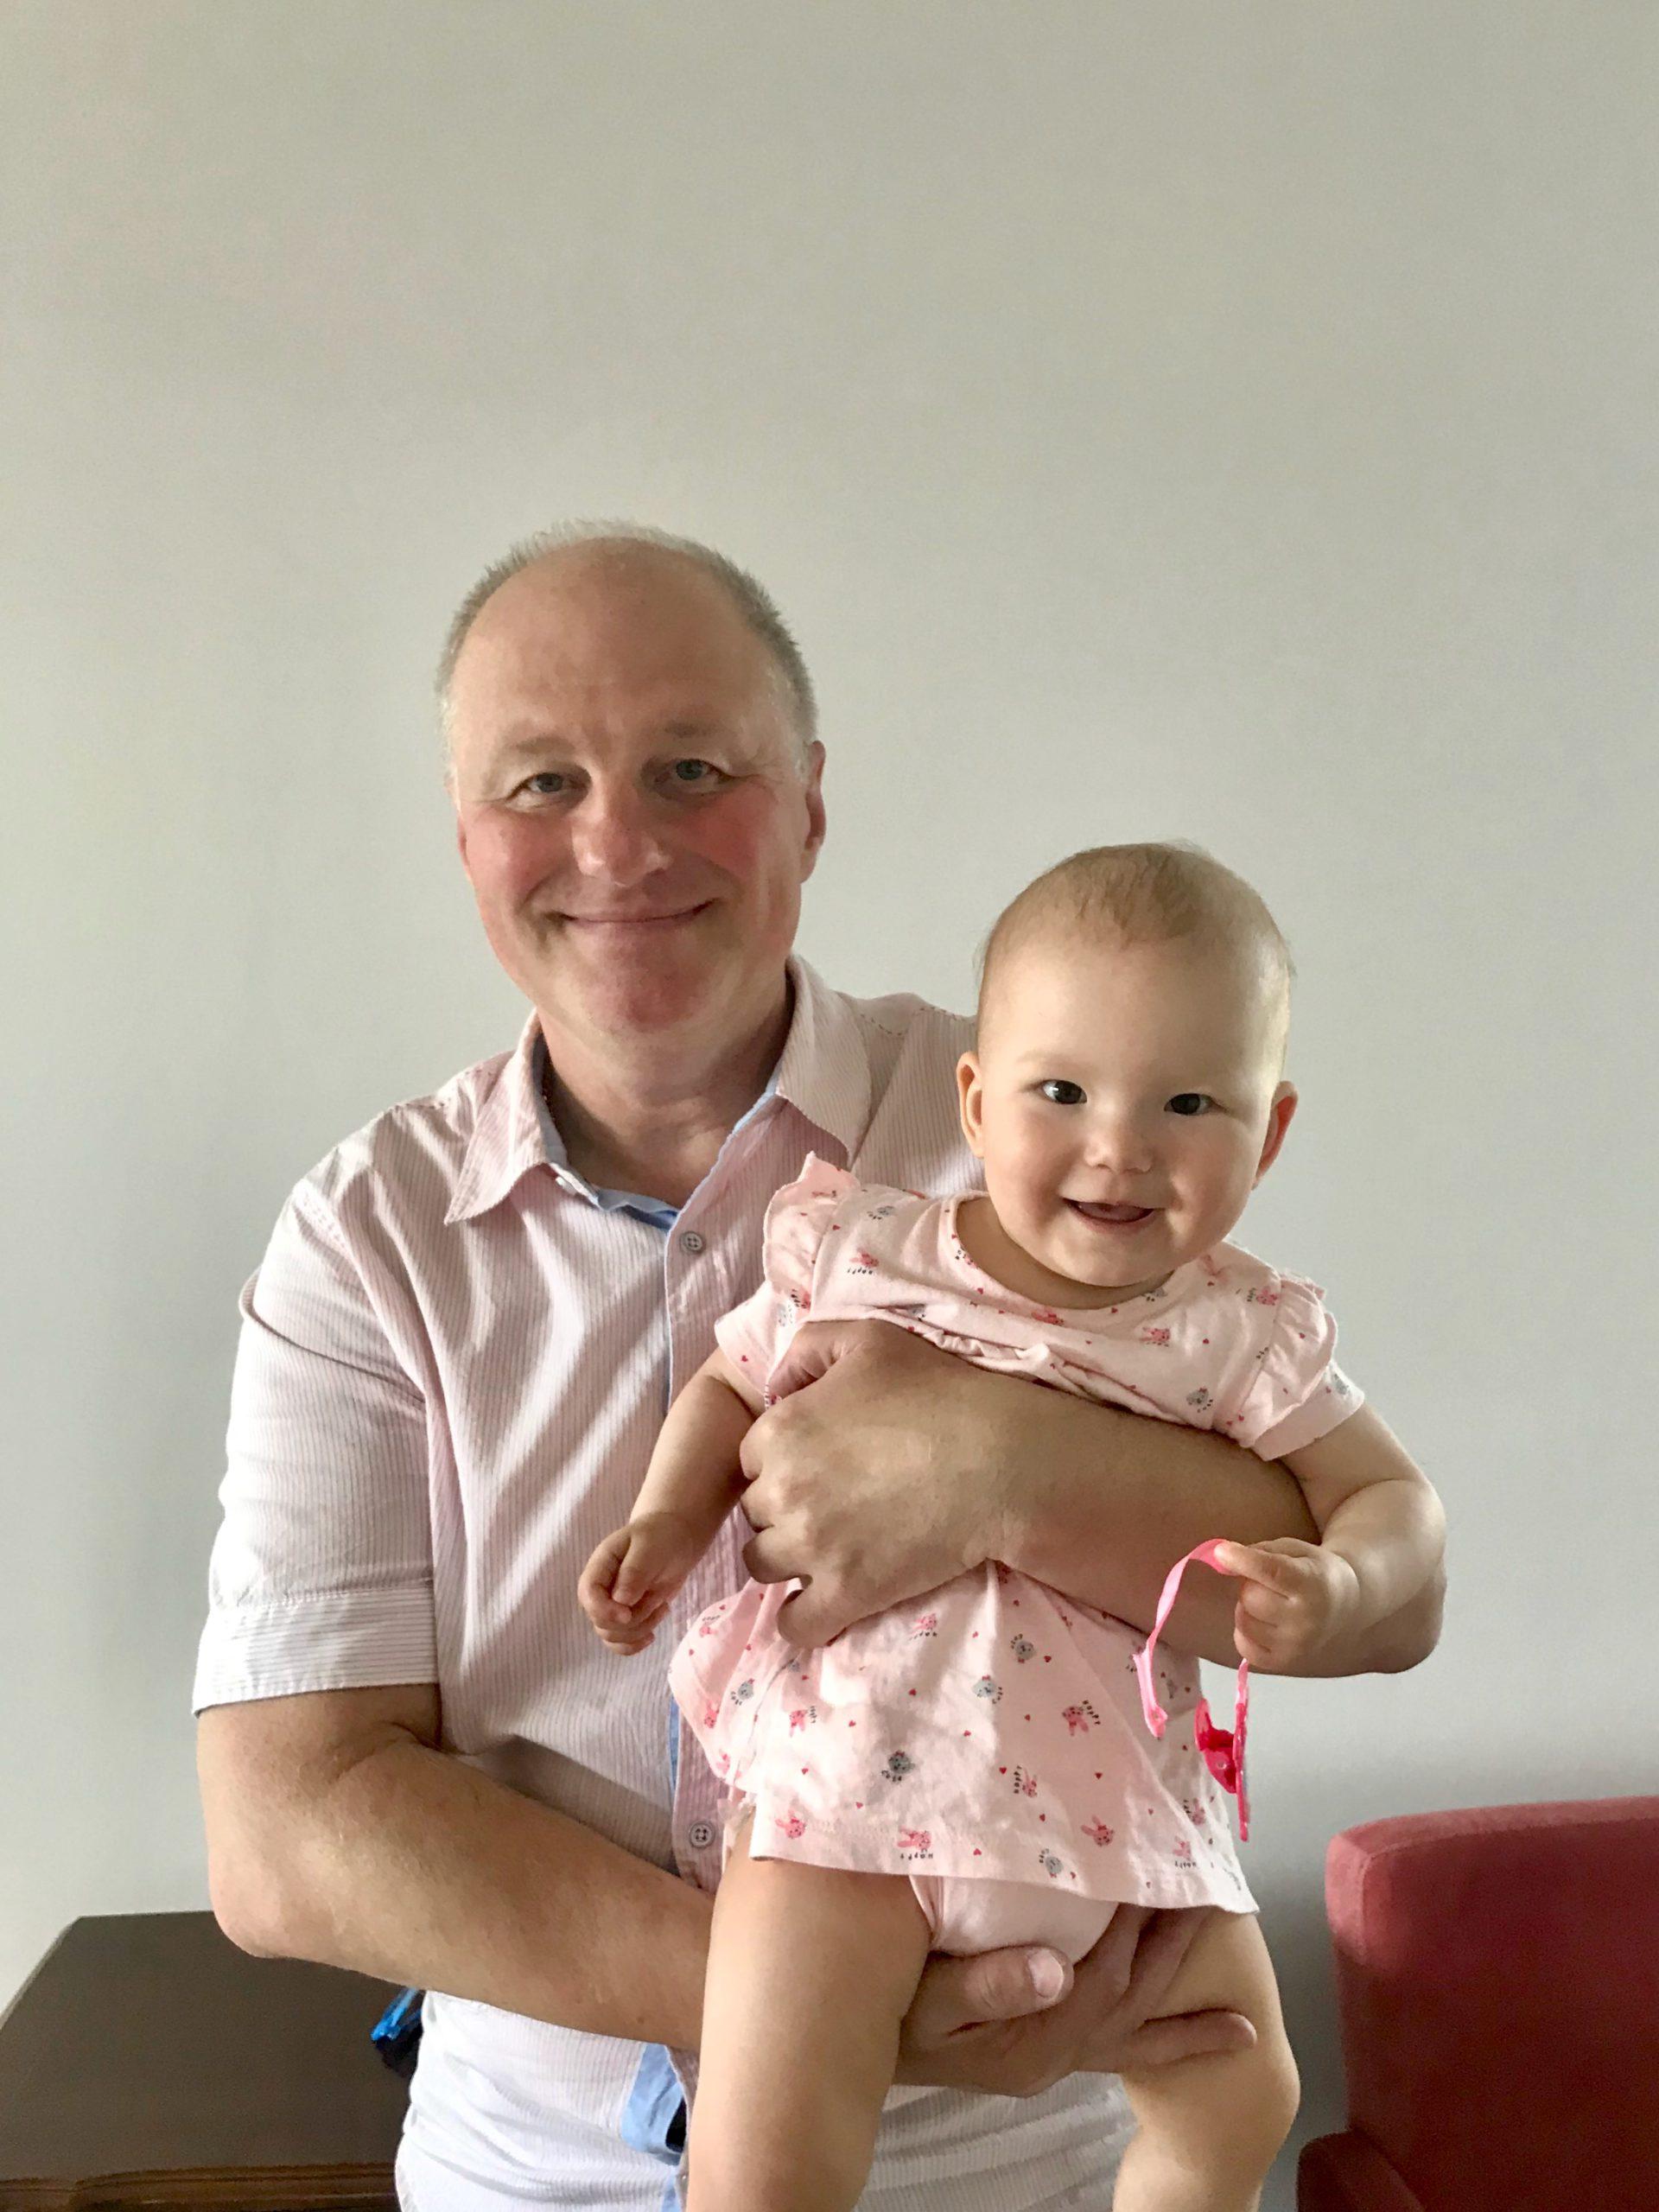 Год назад родился новый смысл жизни у скромного адвоката: Ульяна Игоревна! 🥳